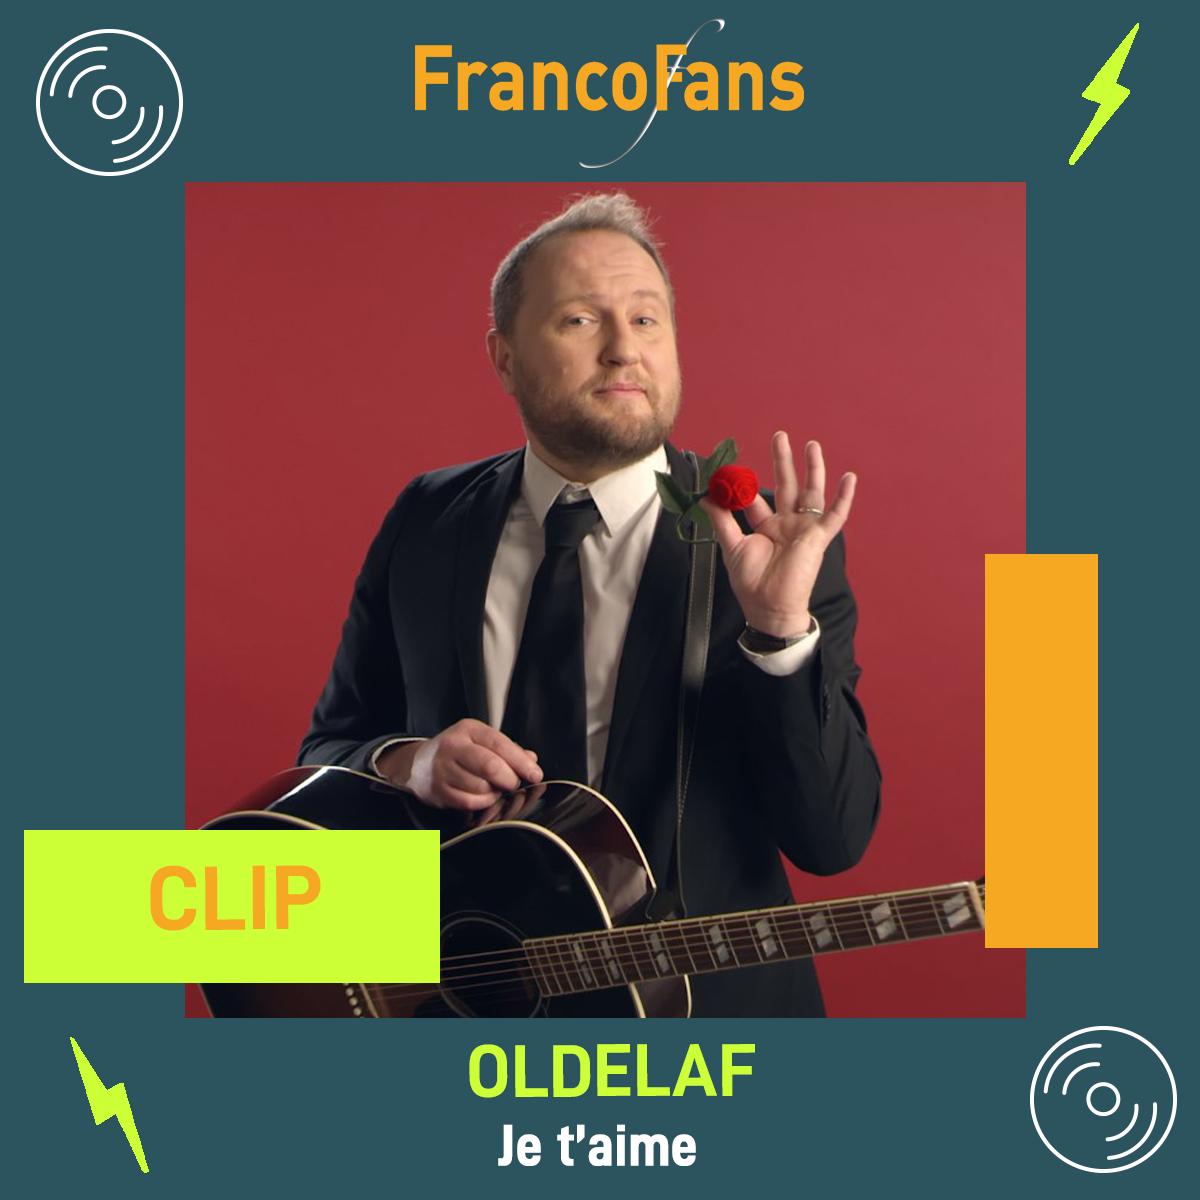 [Clip] Oldelaf - Je t'aime